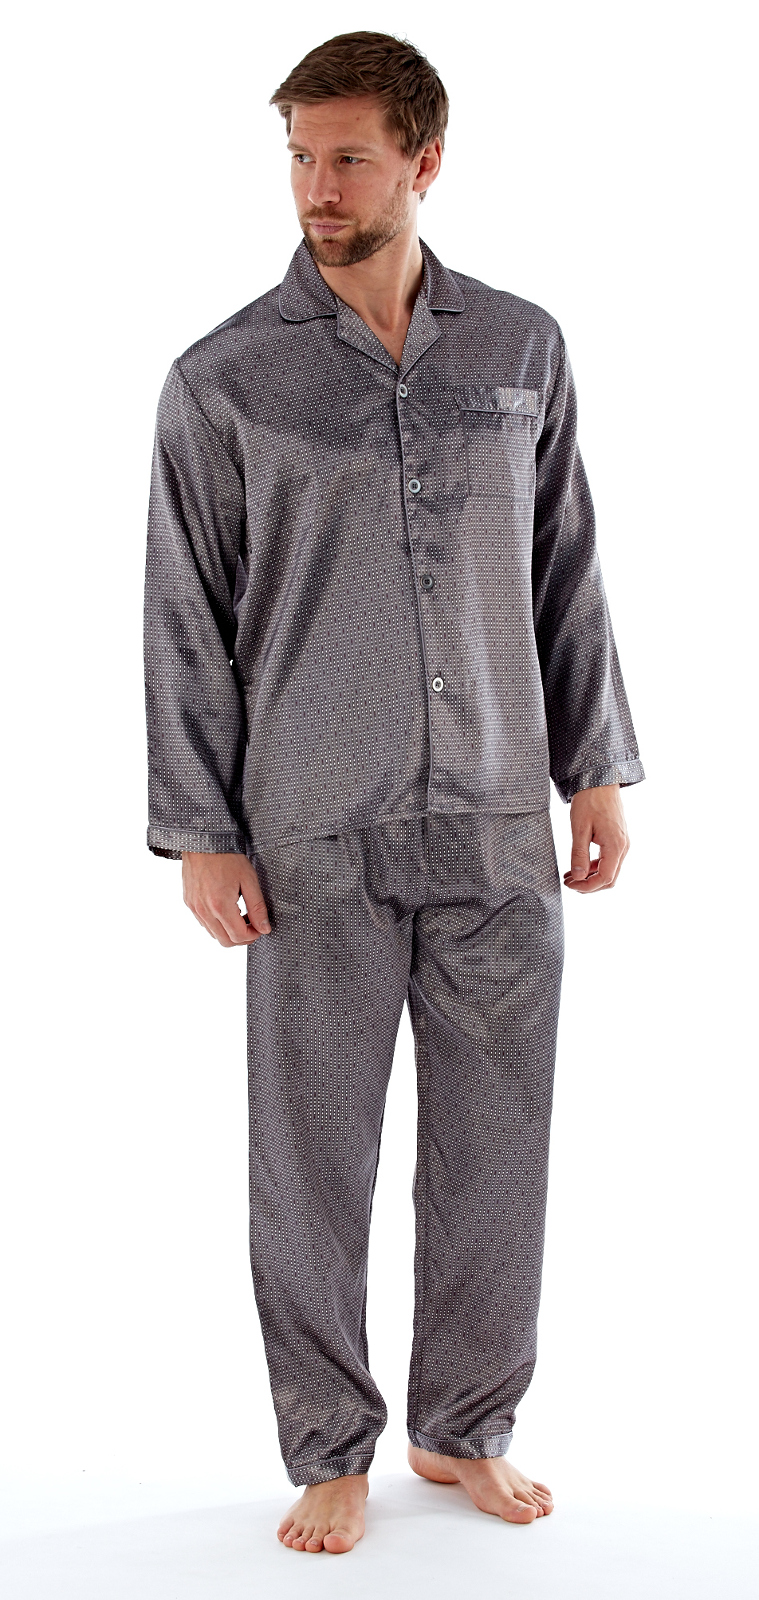 Satin Pyjamas Traditional Silky Pjs